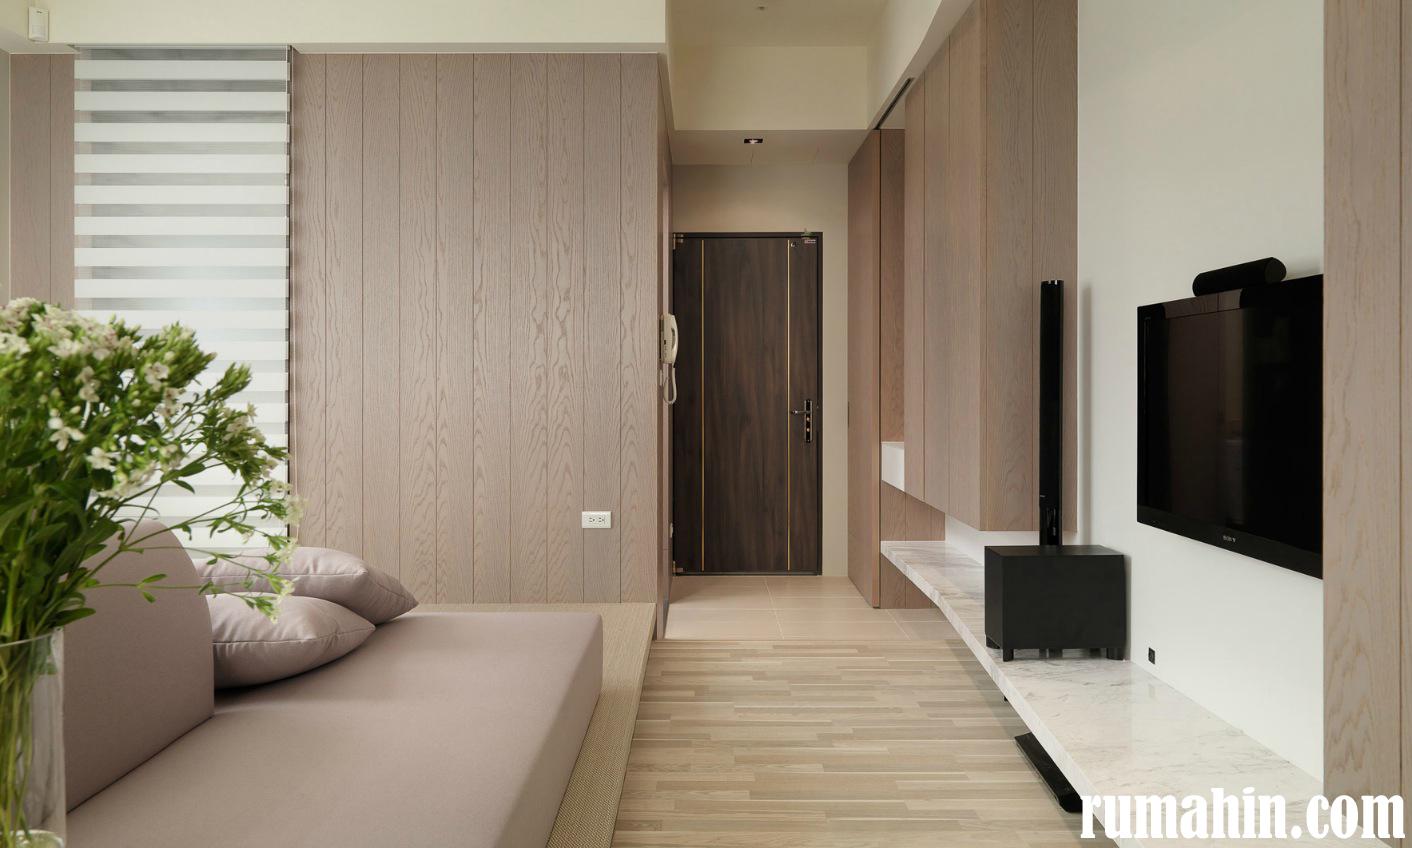 Dengan tata ruang apartemen mungil seperti yang telah dijelaskan di atas bukan tidak mungkin kesan interior apartemen yang lebih luas akan terasa walaupun ... & Konsep Interior Apartemen Mungil Tanpa Terlihat Kecil | Rumah ...